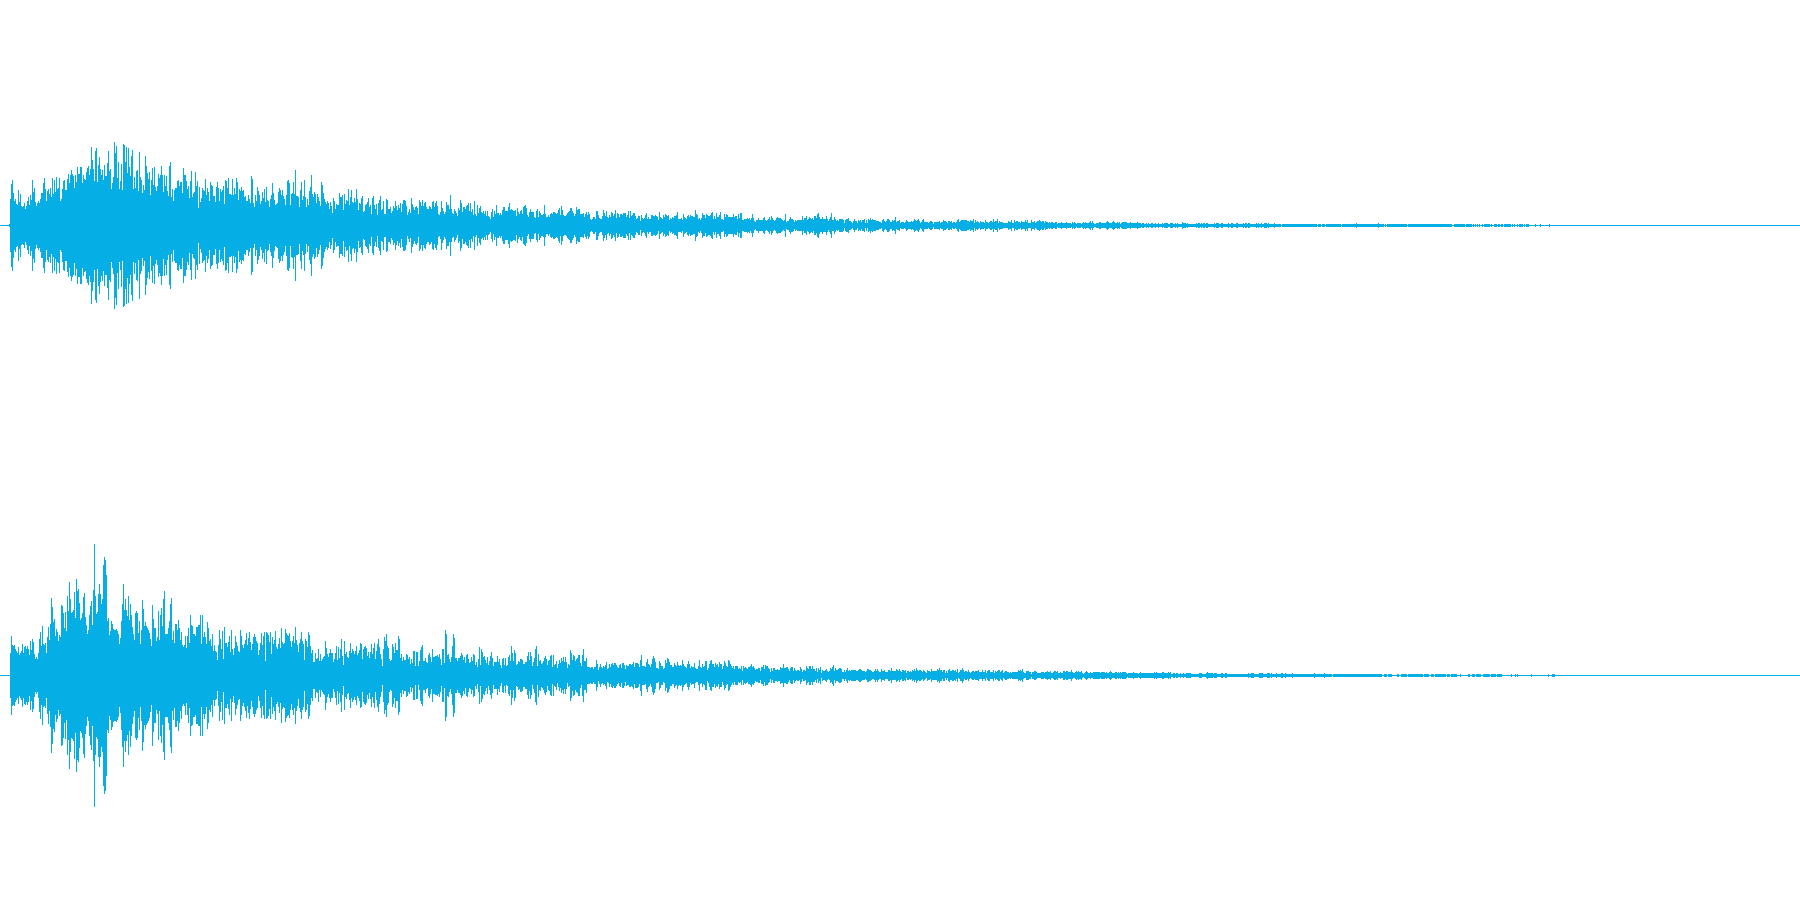 「サスペンス的な衝撃音」の再生済みの波形